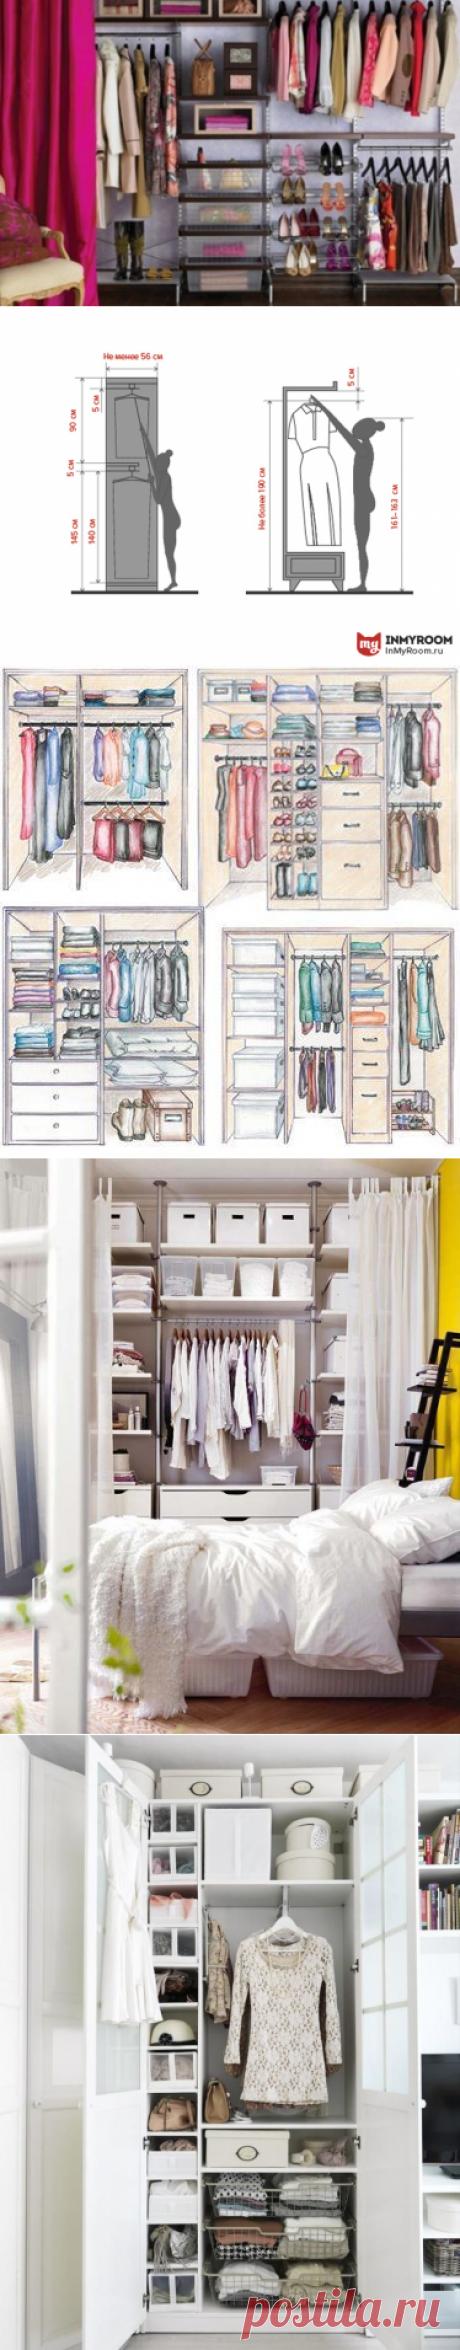 Гид InMyRoom: 8 полезных постов для обустройства идеальной гардеробной   Свежие идеи дизайна интерьеров, декора, архитектуры на InMyRoom.ru